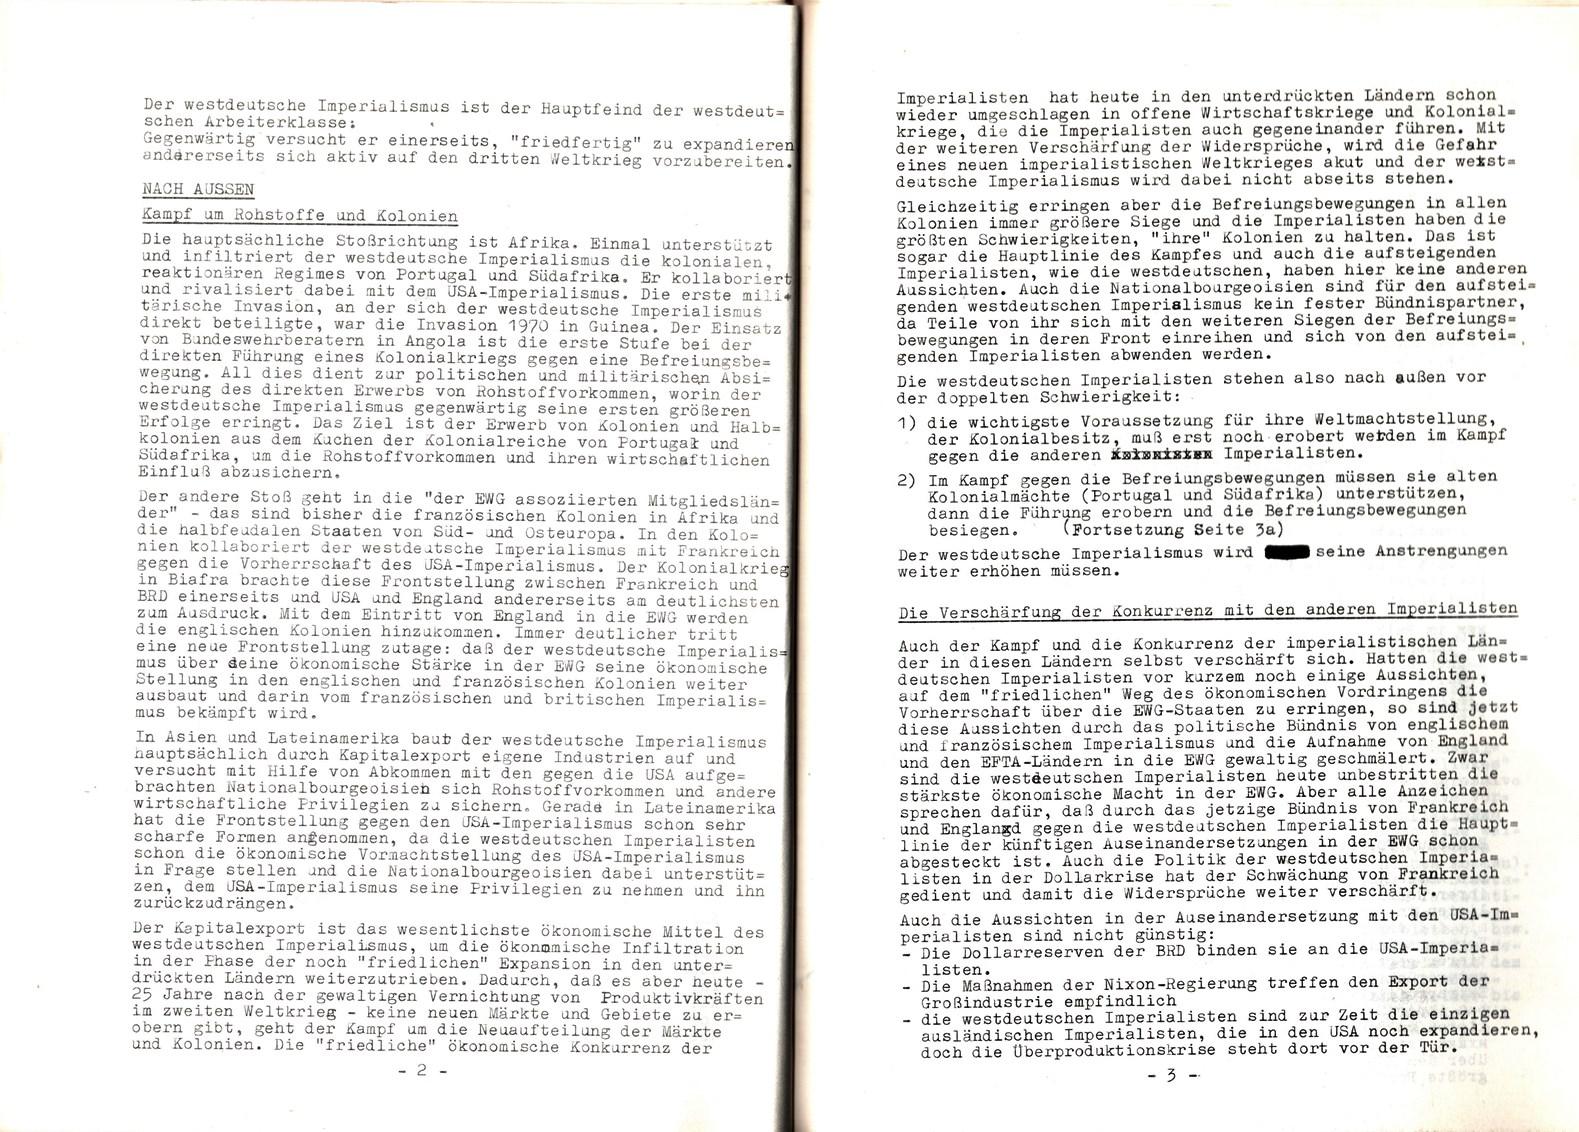 KPDML_1971_Analysen_und_Antraege_des_LV_Sued_West_044